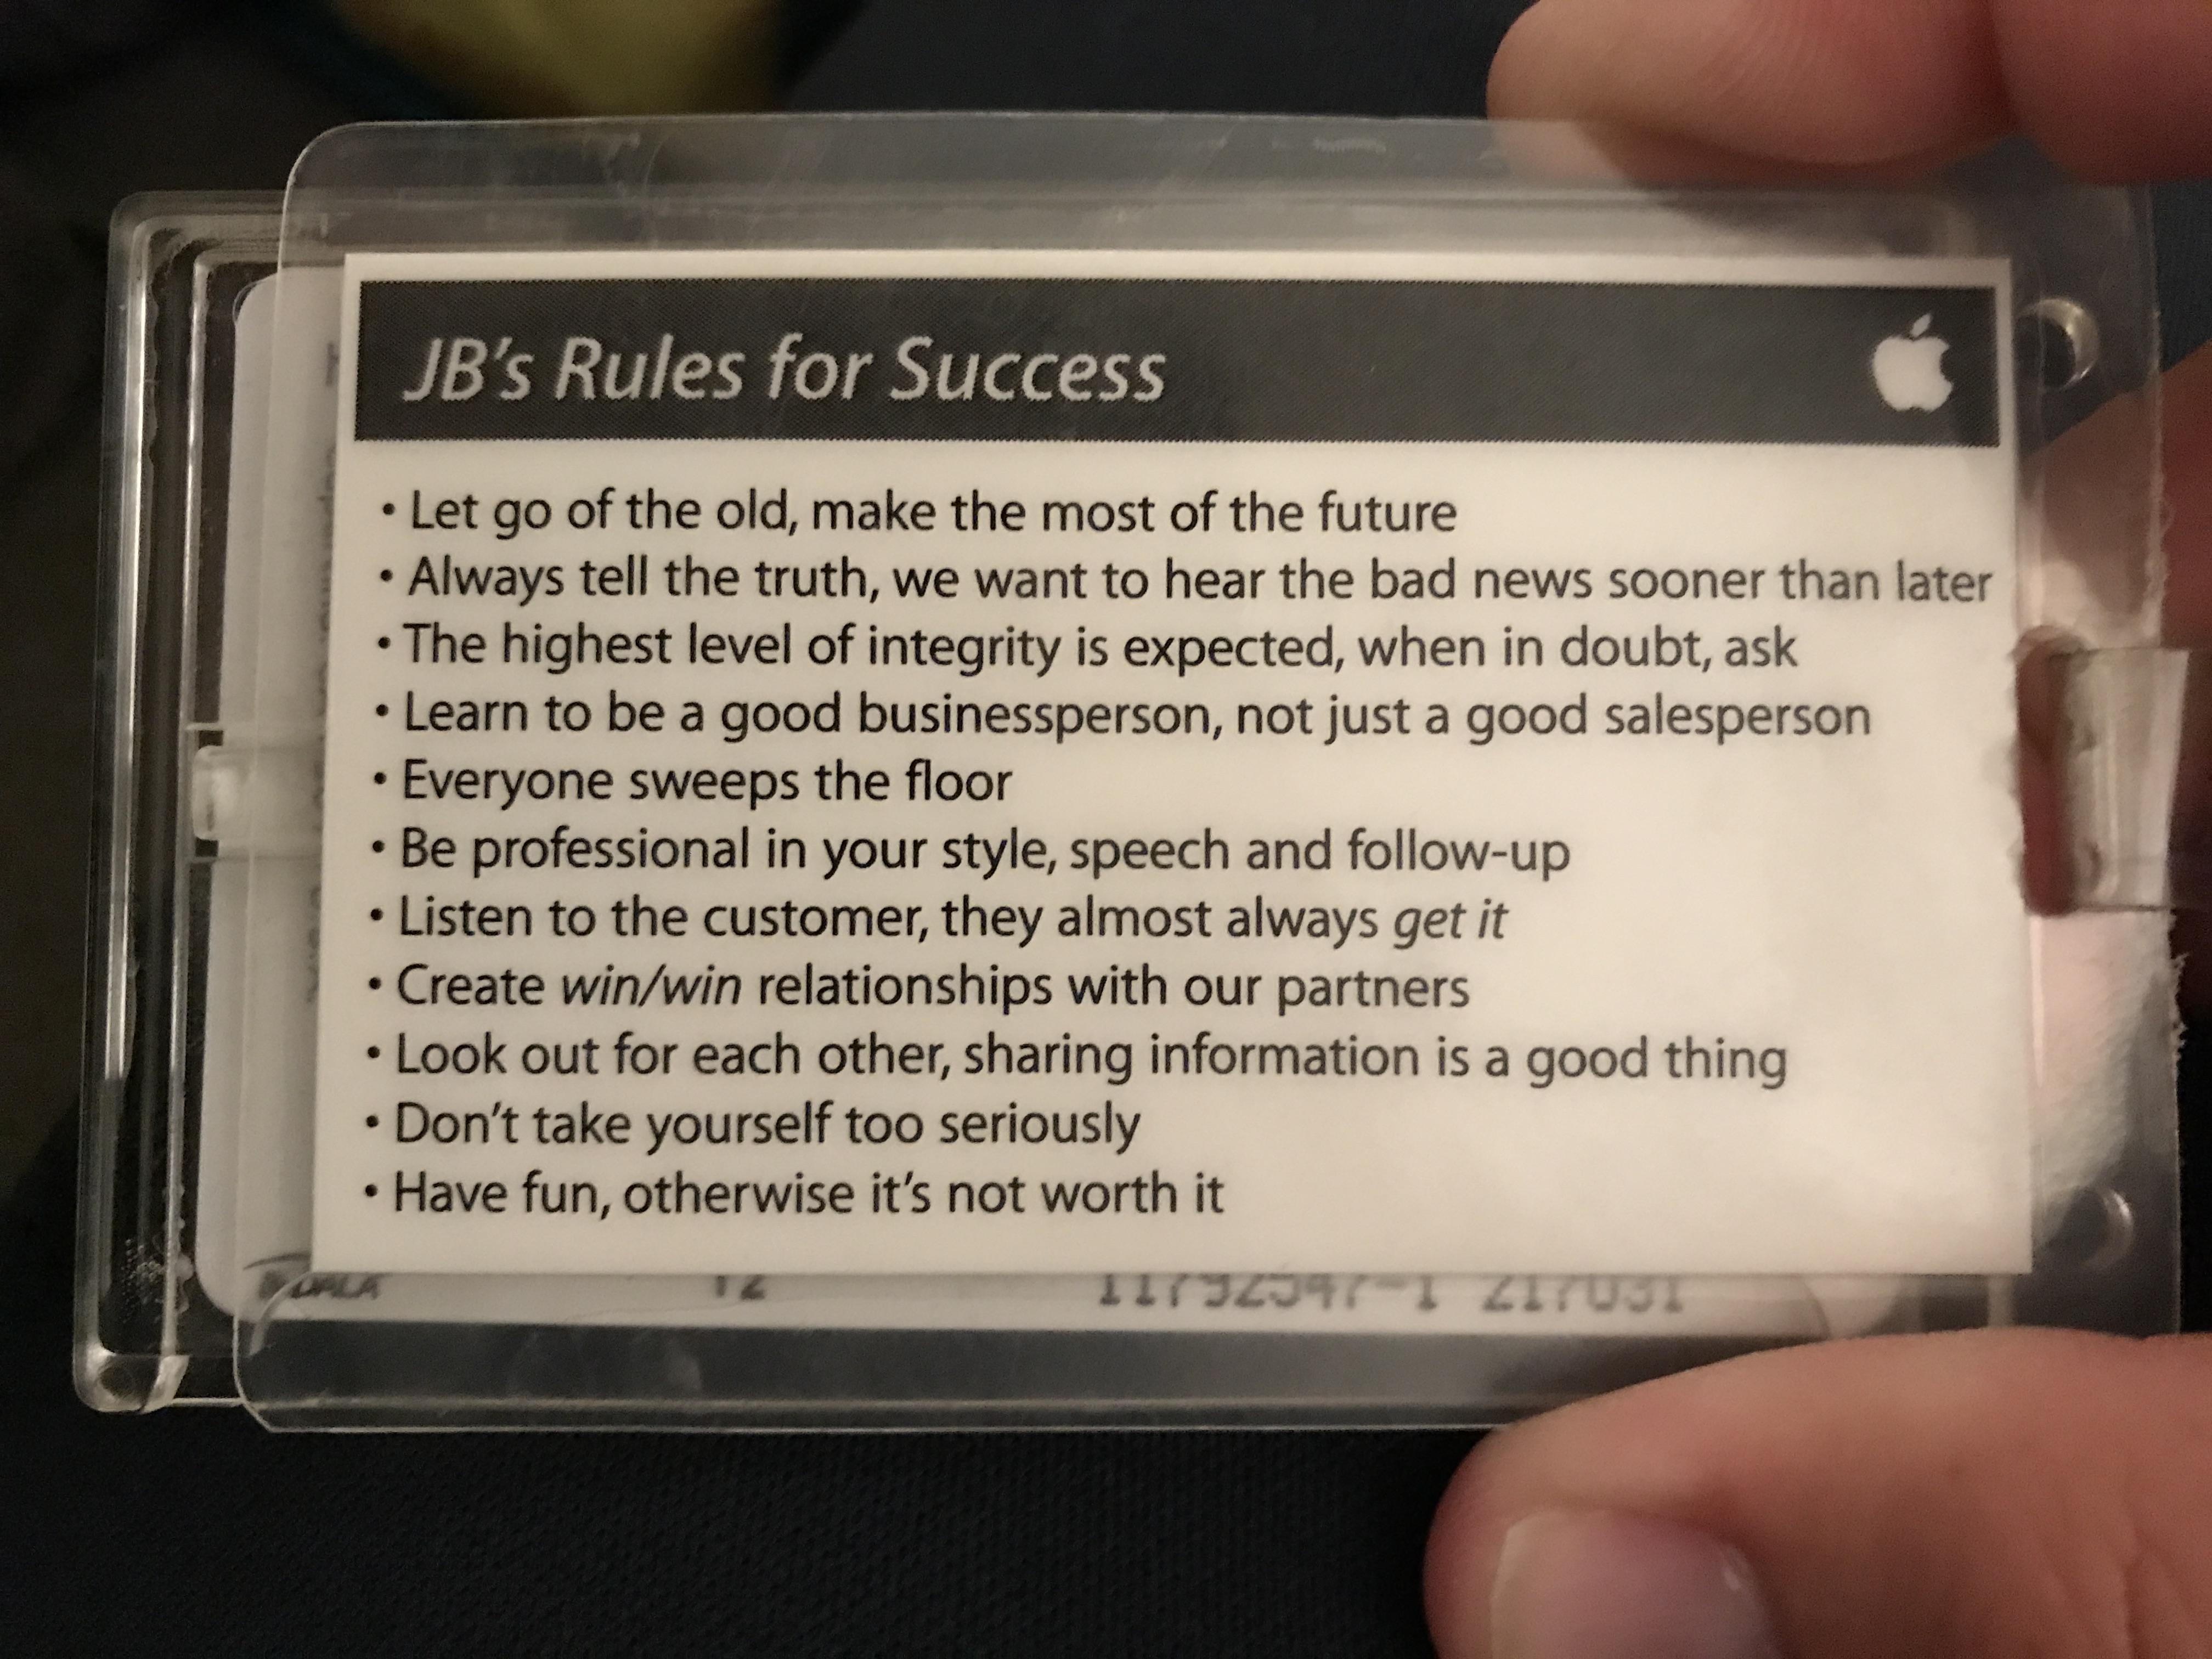 Bạn sẽ bất ngờ khi biết 11 điều luật thành công đính trên thẻ nhân viên Apple, điều số 5 đáng suy nghĩ nhất - Ảnh 1.